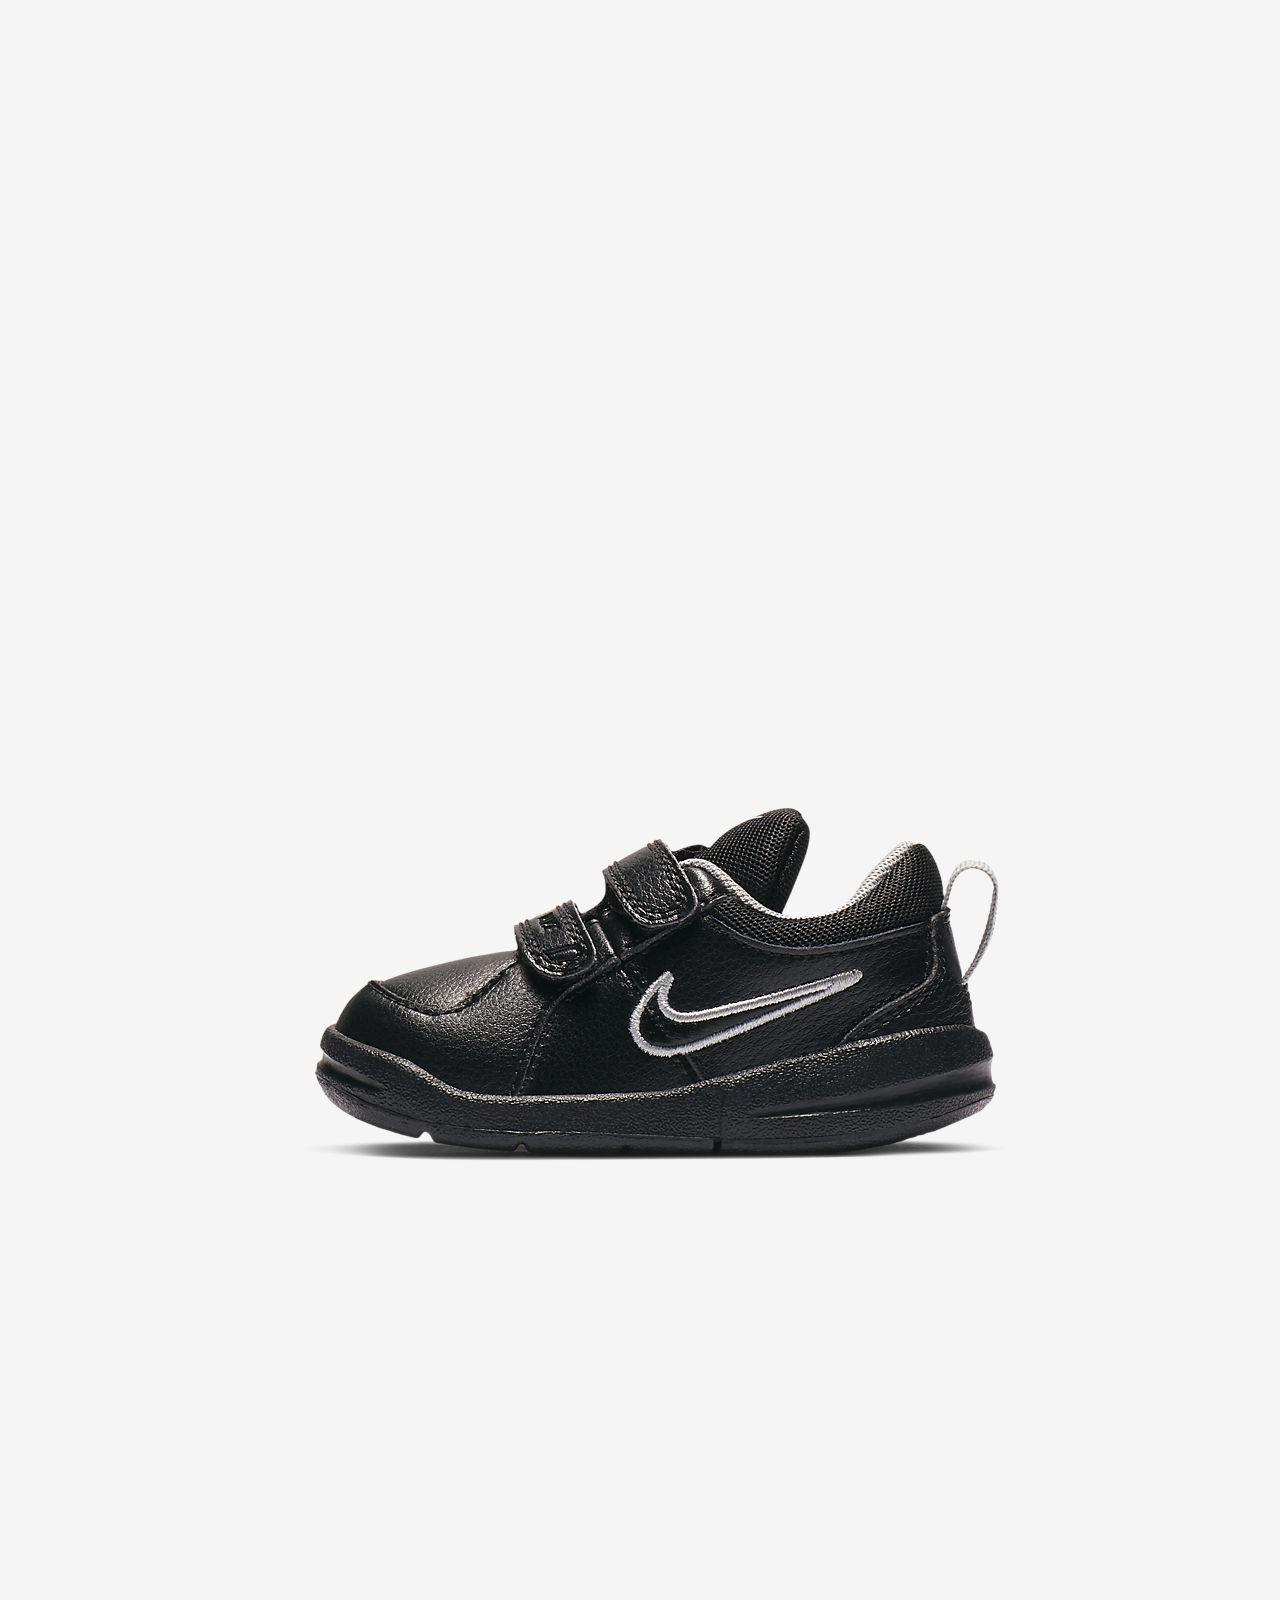 Sko Nike Pico 4 för baby